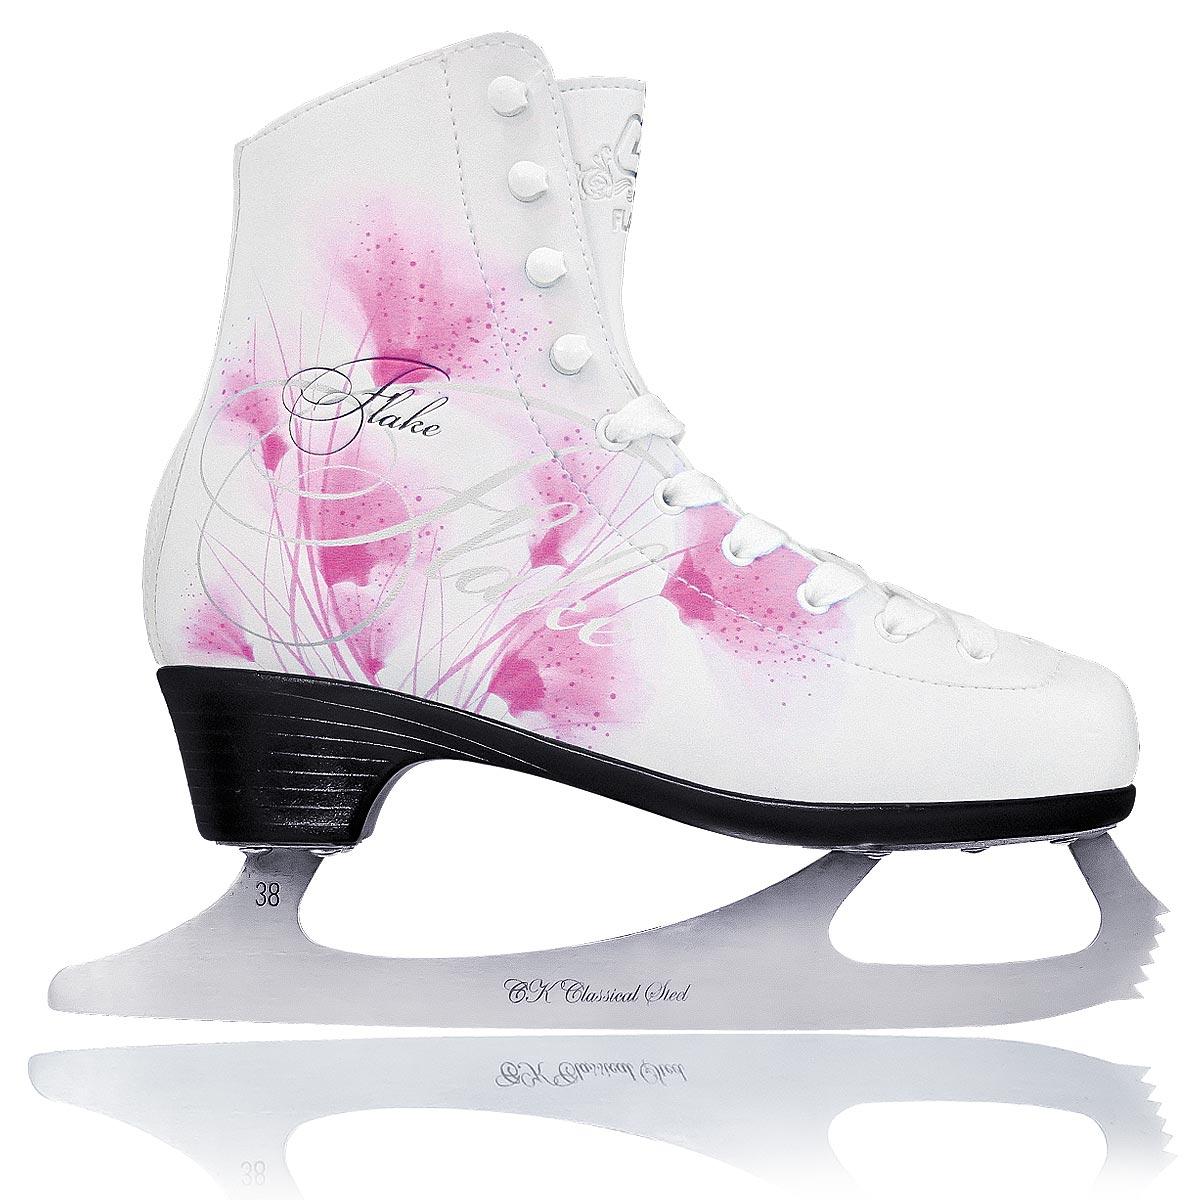 Коньки фигурные женские CK Flake Leather, цвет: белый, фуксия. Размер 36FLAKE leather_белый, фуксия_36Фигурные коньки от CK Flake Leather идеально подойдут для любительского катания. Модель выполнена из современной морозоустойчивой искусственной кожи с высокой, плотной колодкой и усиленным задником, обеспечивающим боковую поддержку ноги. Внутренняя поверхность из натуральной кожи обеспечивает удобство во время движения. Анатомический язычок из войлока и искусственной кожи идеально облегает стопу и повышает комфорт. Стелька из упругого пенного полимерного материала EVA предназначена для быстрой адаптации ботинка к индивидуальным формам ноги и ее комфортного положения. Ботинок полностью обволакивает ногу, обеспечивает прочную и удобную фиксацию ноги, а также повышенную защиту от ударов. Модель фиксируется на ноге классической шнуровкой. Лезвие выполнено из нержавеющей стали, оно обладает высокой твердостью и долго держит заточку. Модель имеет запатентованную форму лезвия. Уменьшенная передняя пластина и расположение точек опоры стоек оптимально располагают переднюю точку баланса и позволяют улучшить контроль при опоре на переднюю часть конька. Новая запатентованная подошва Graceful обладает элегантным дизайном, повышенной твердостью и пониженным весом. Более высокий каблук делает ногу более изящной и стройной, а также повышает управляемость и маневренность конька.